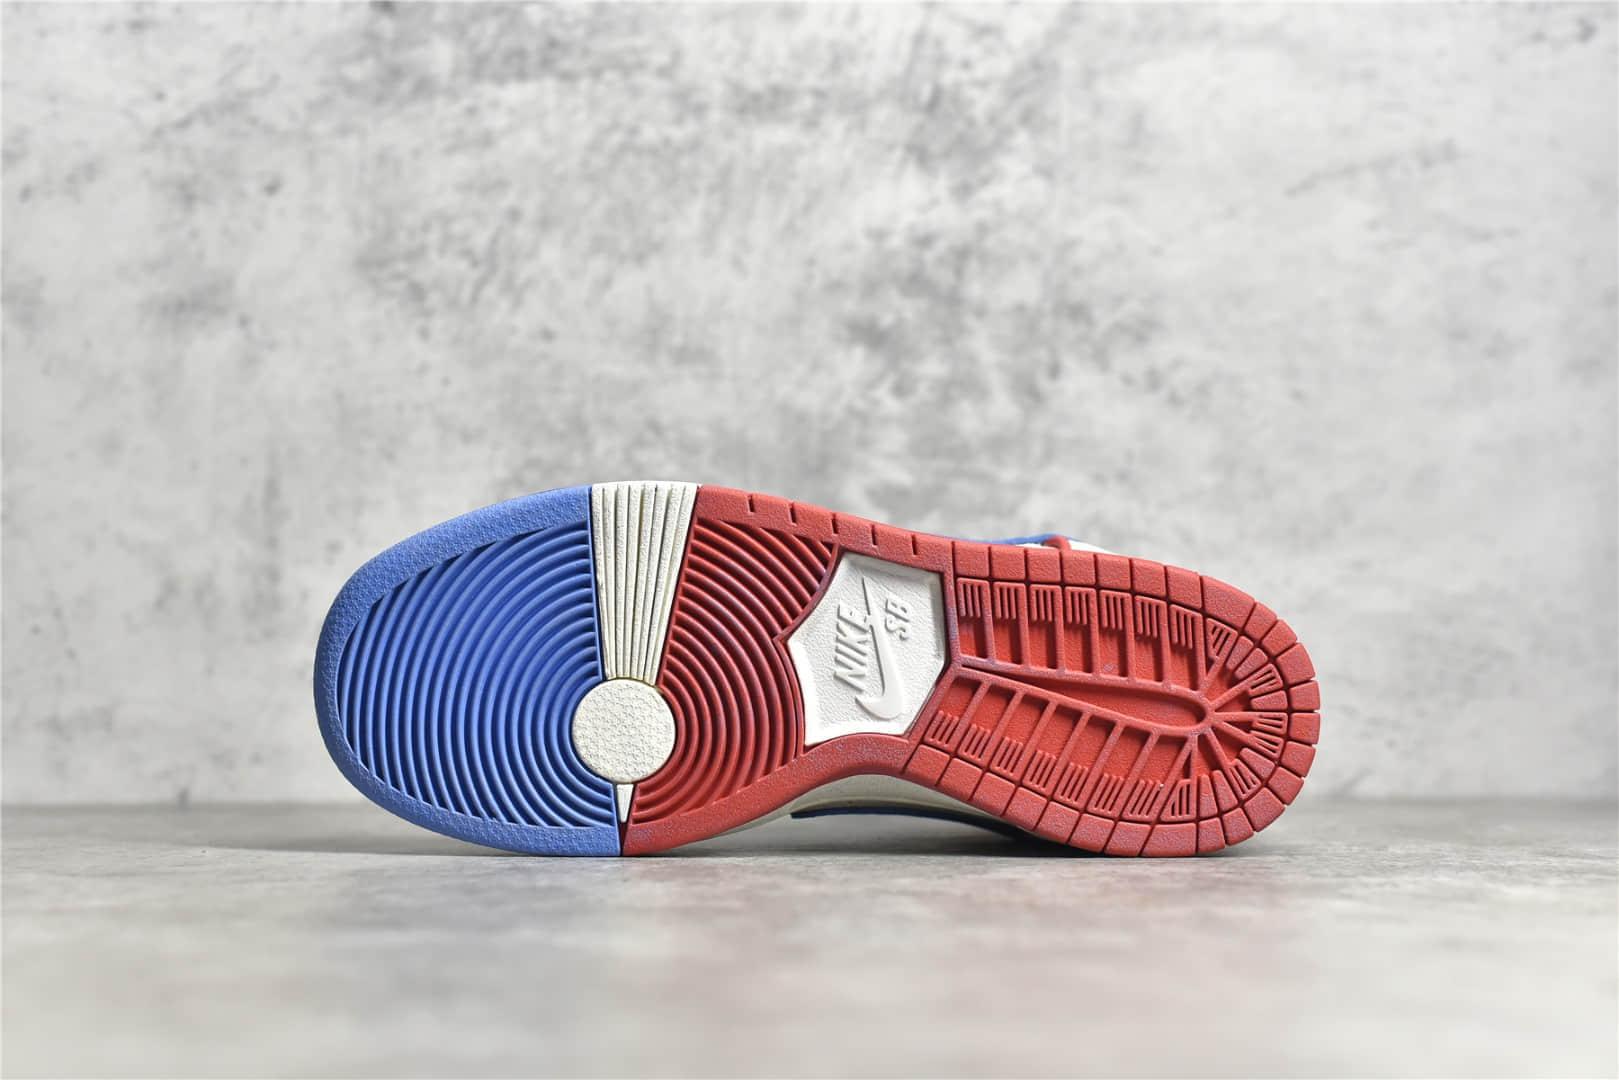 耐克Dunk保时捷911 耐克Dunk白蓝红高帮 Nike Dunk High Pro Decon QS 纯原版本原厂耐克Dunk厂家 货号:DH7683-100-潮流者之家